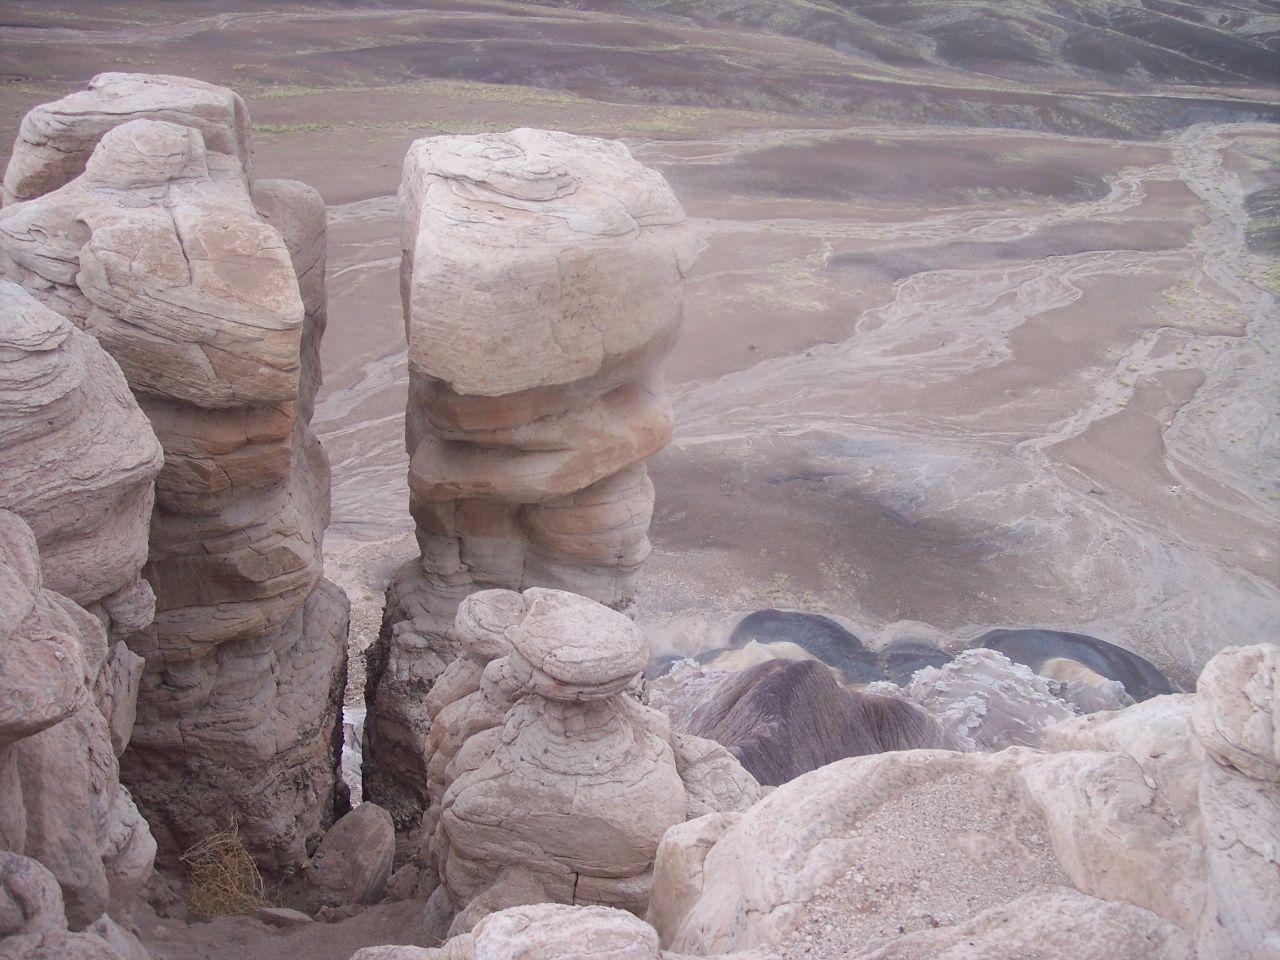 Окаменелый лес в Раскрашенной пустыне. Национальный парк Петрифайд-Форест, Соединенные Штаты Америки